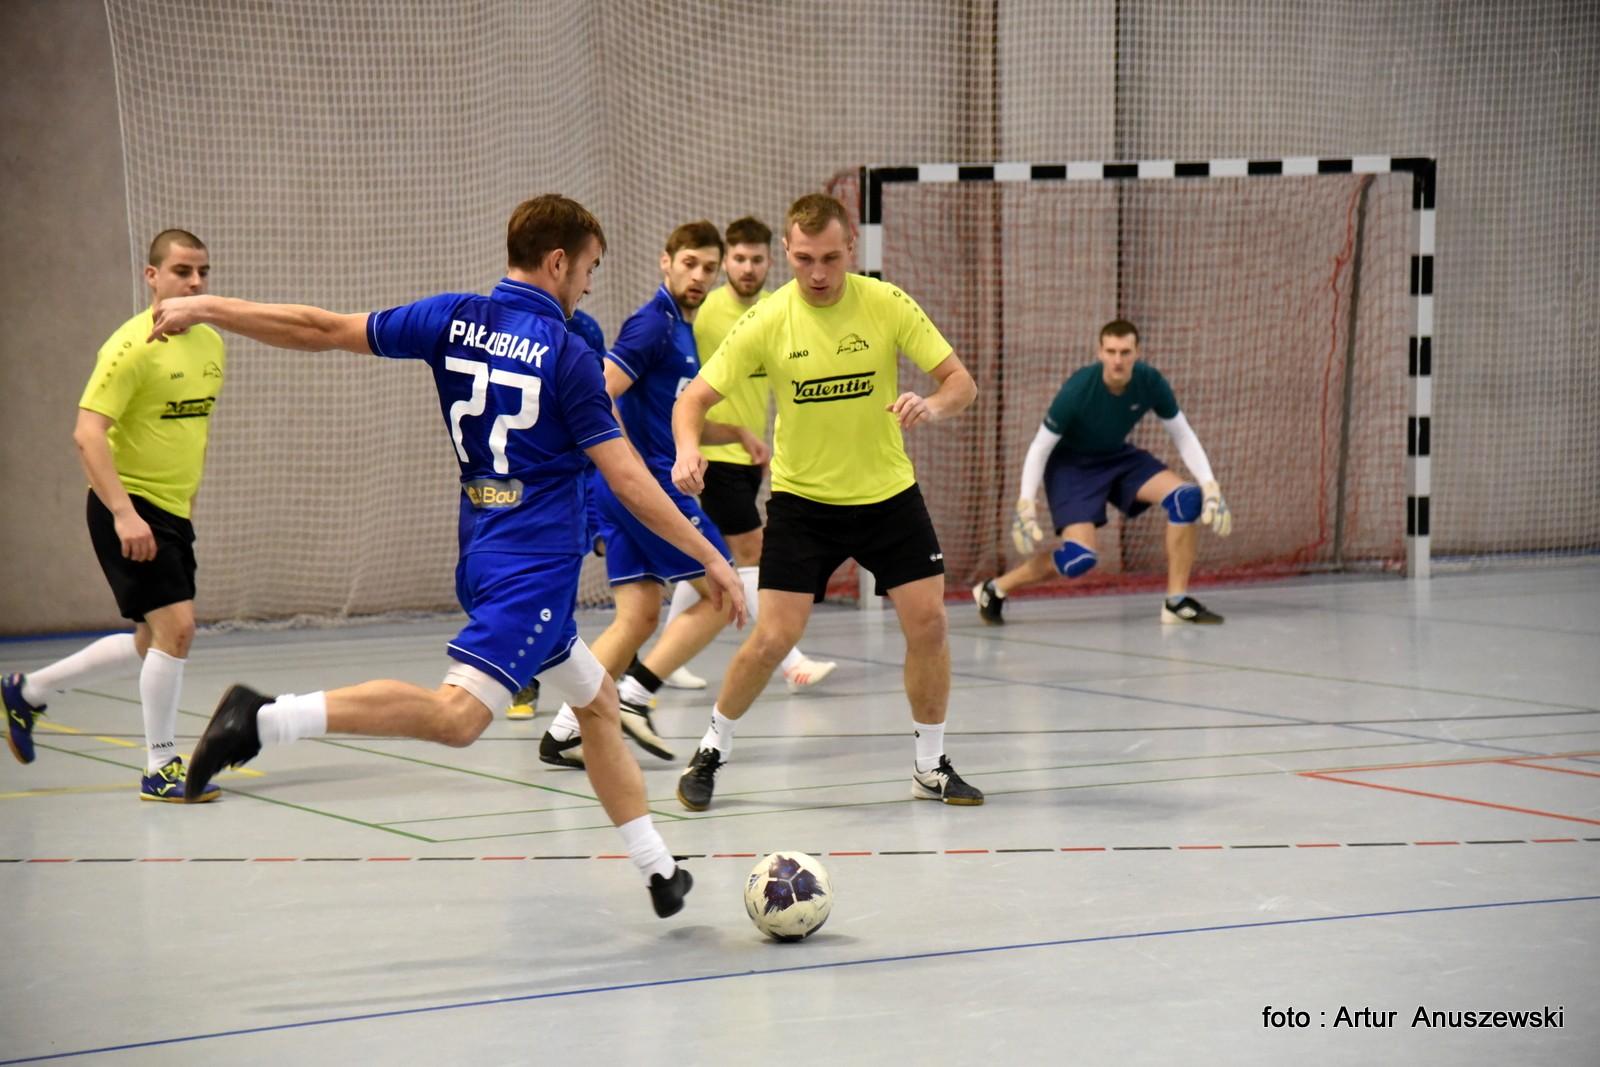 MLH - Międzyrzecka Liga Halowa Piłki Nożnej